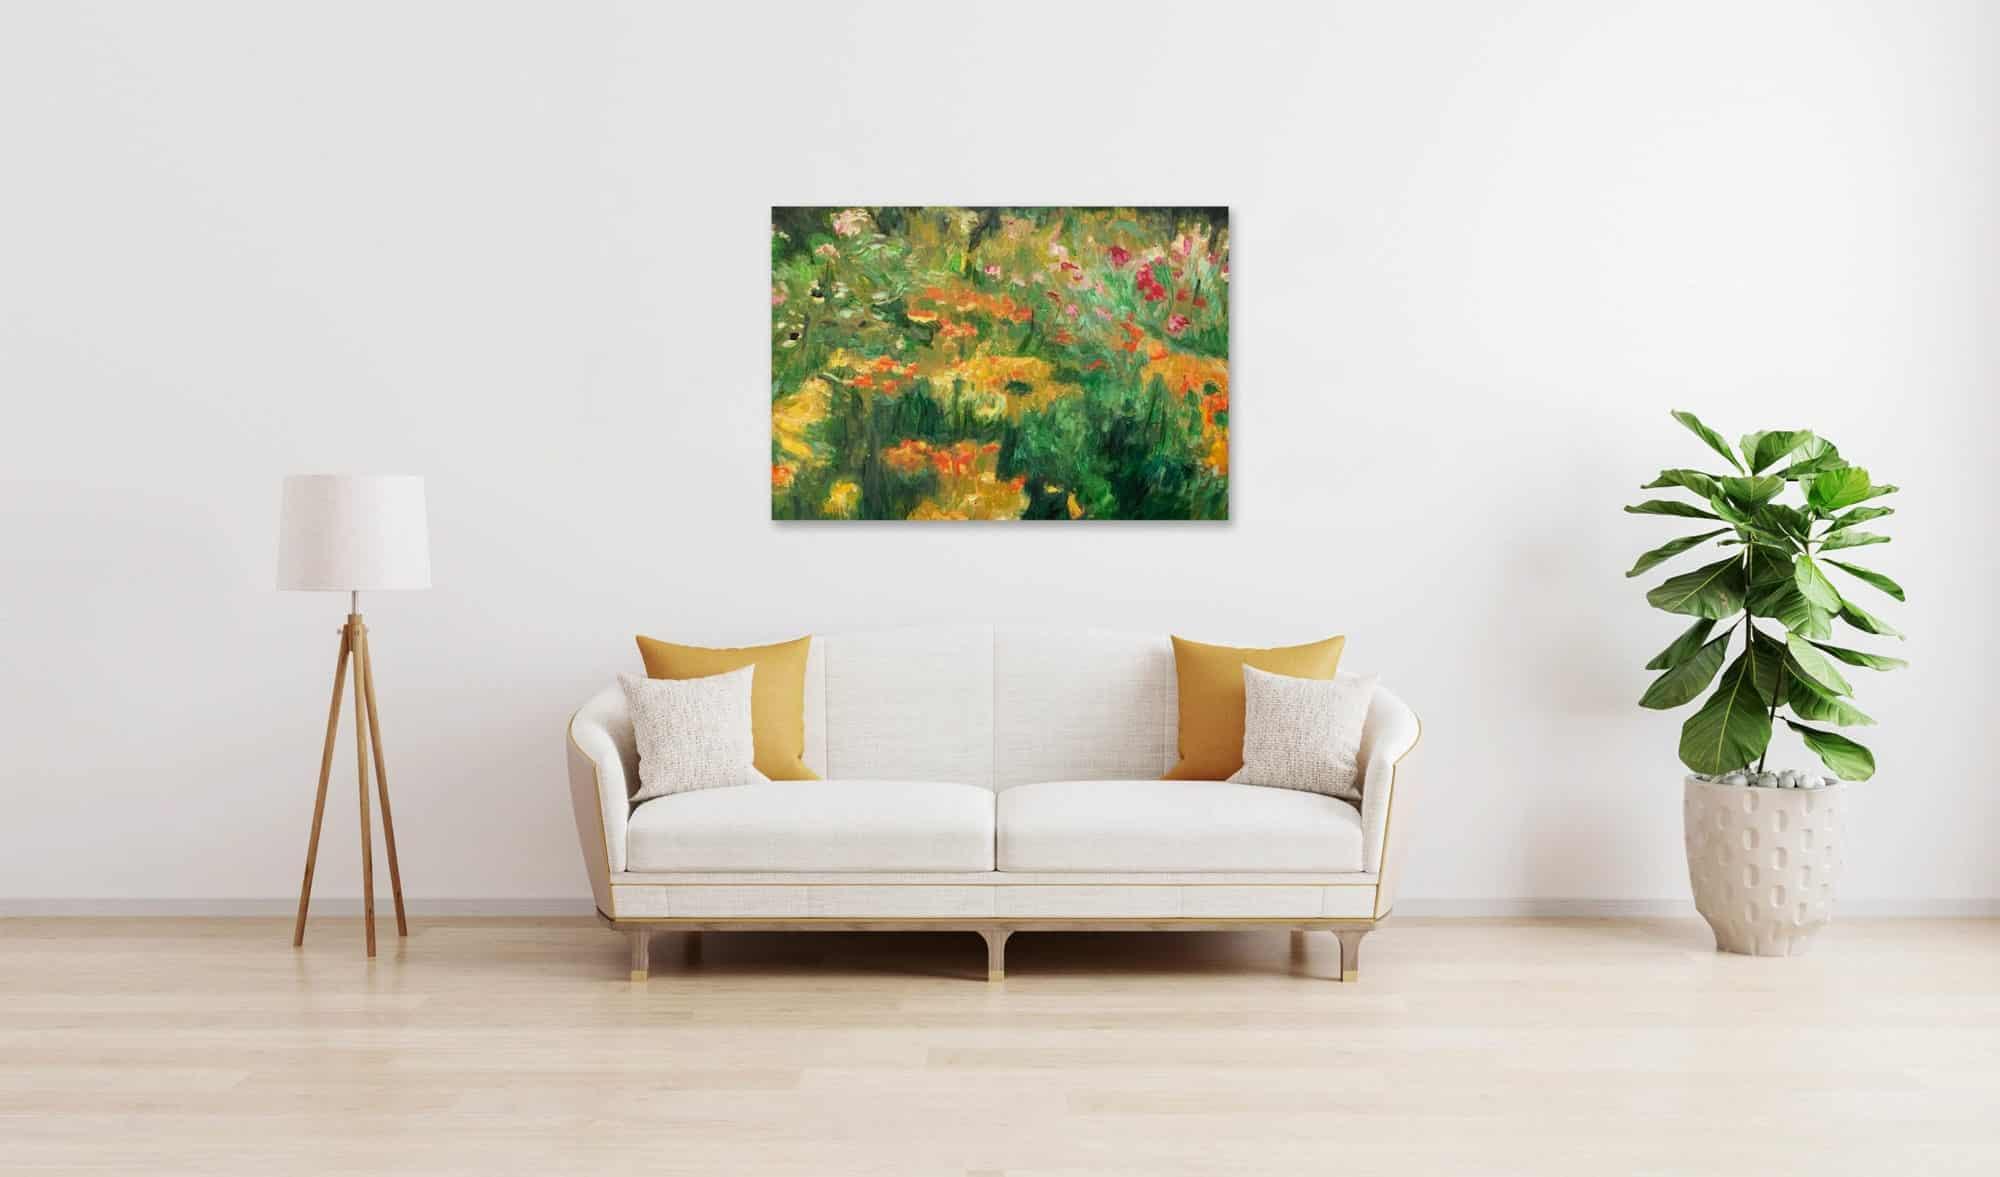 Ölgemälde auf Leinwand wandbild Blumen und Wiese